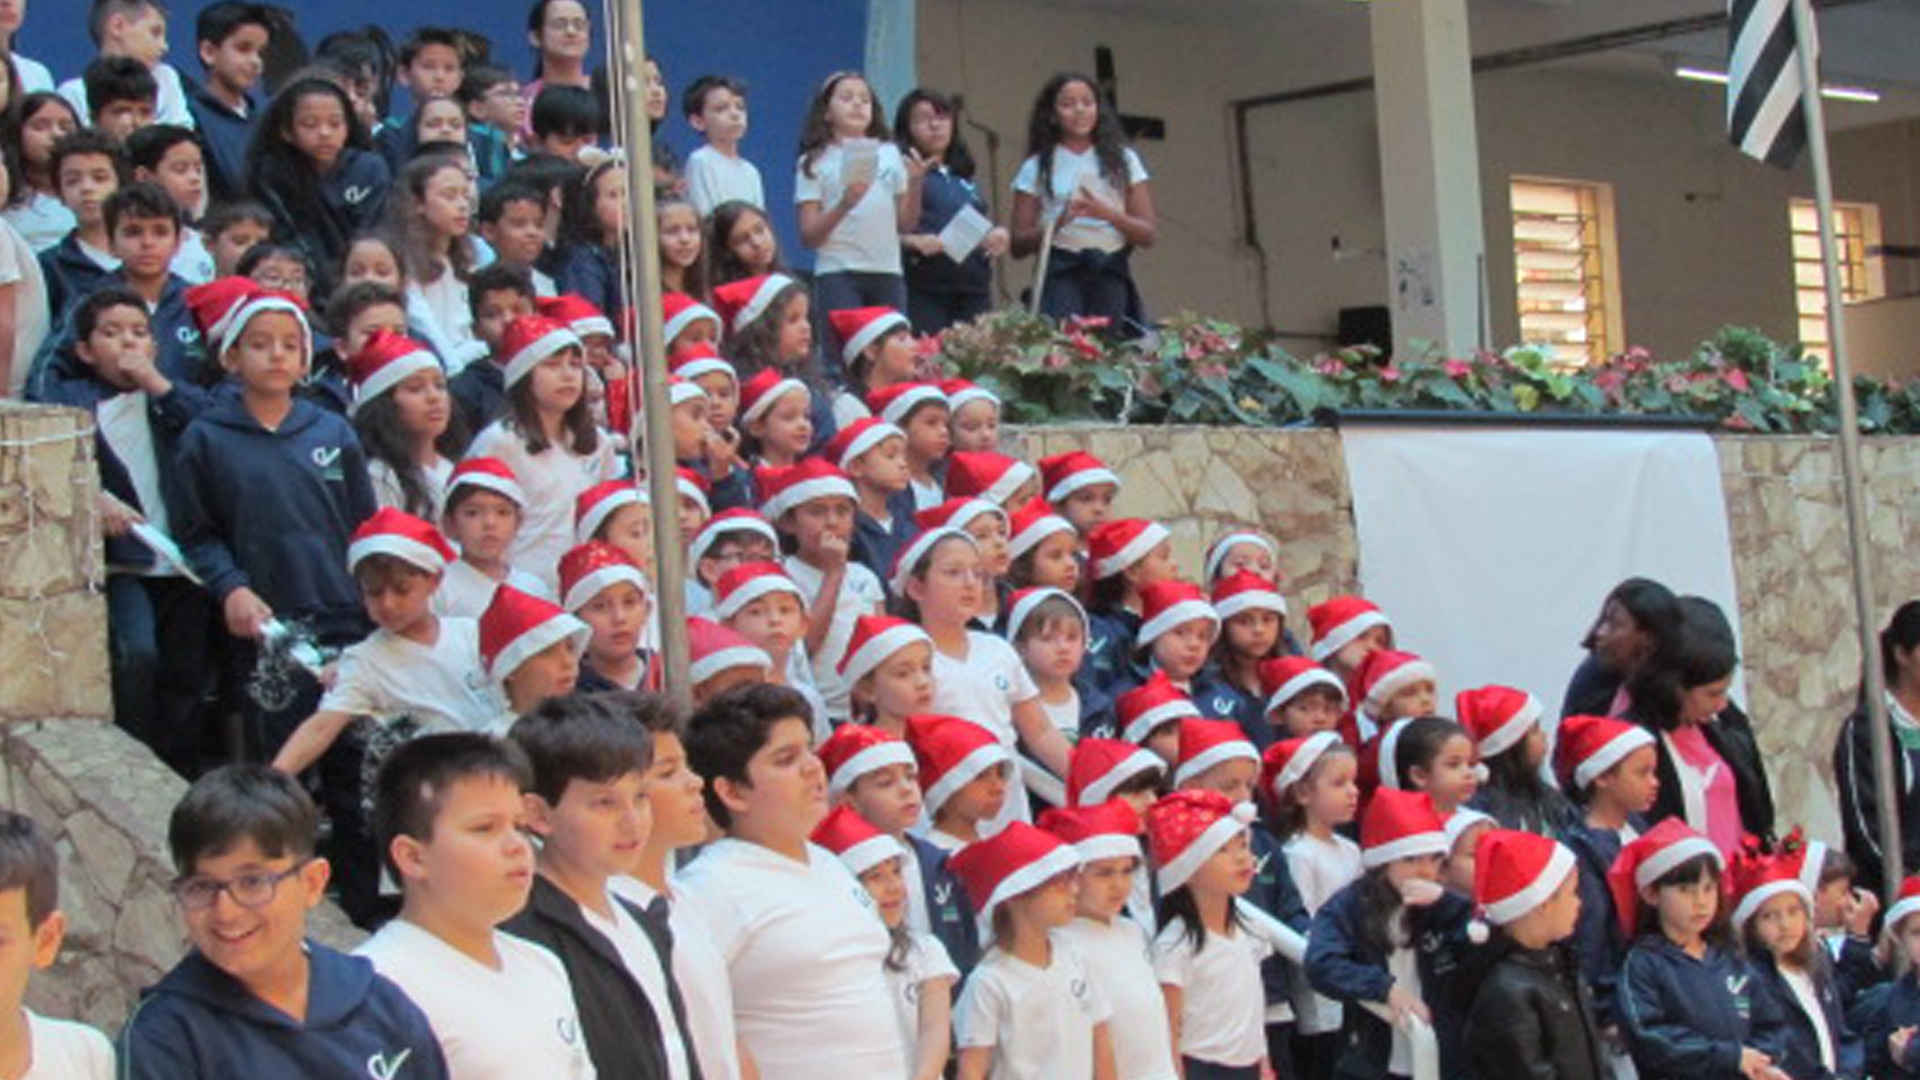 [Cantata de Natal - 02/12]